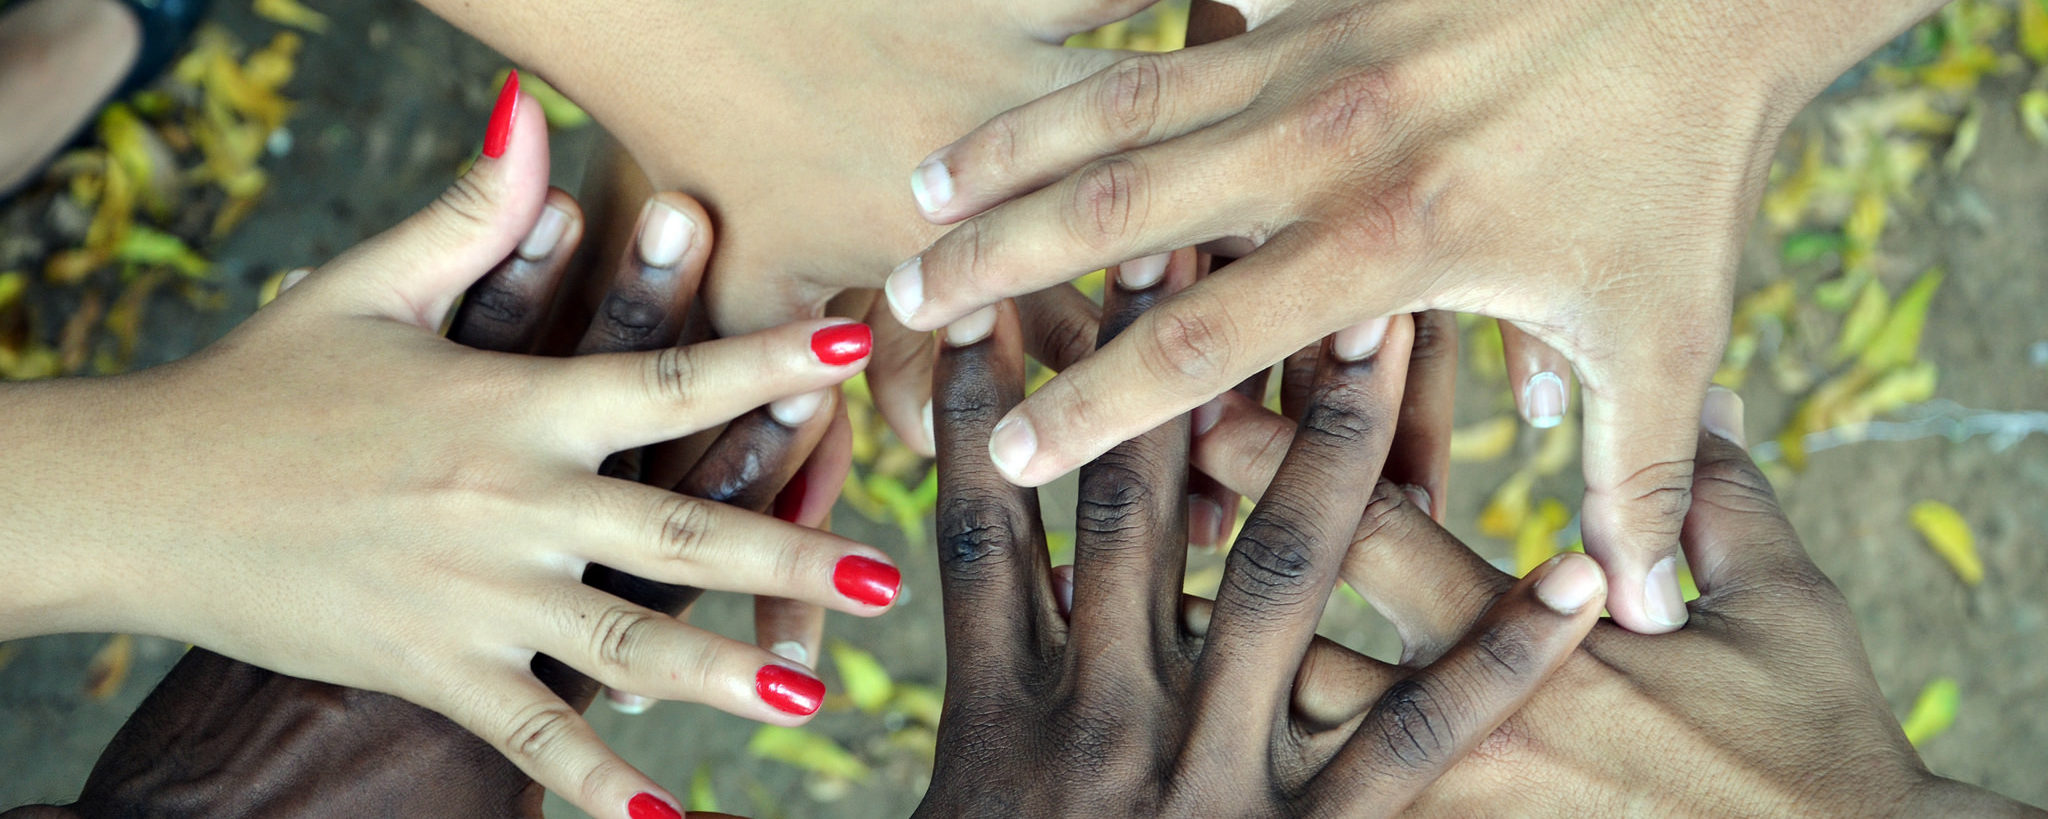 Na foto há cinco mãos negras e brancas entrelaçadas e sobrepostas.